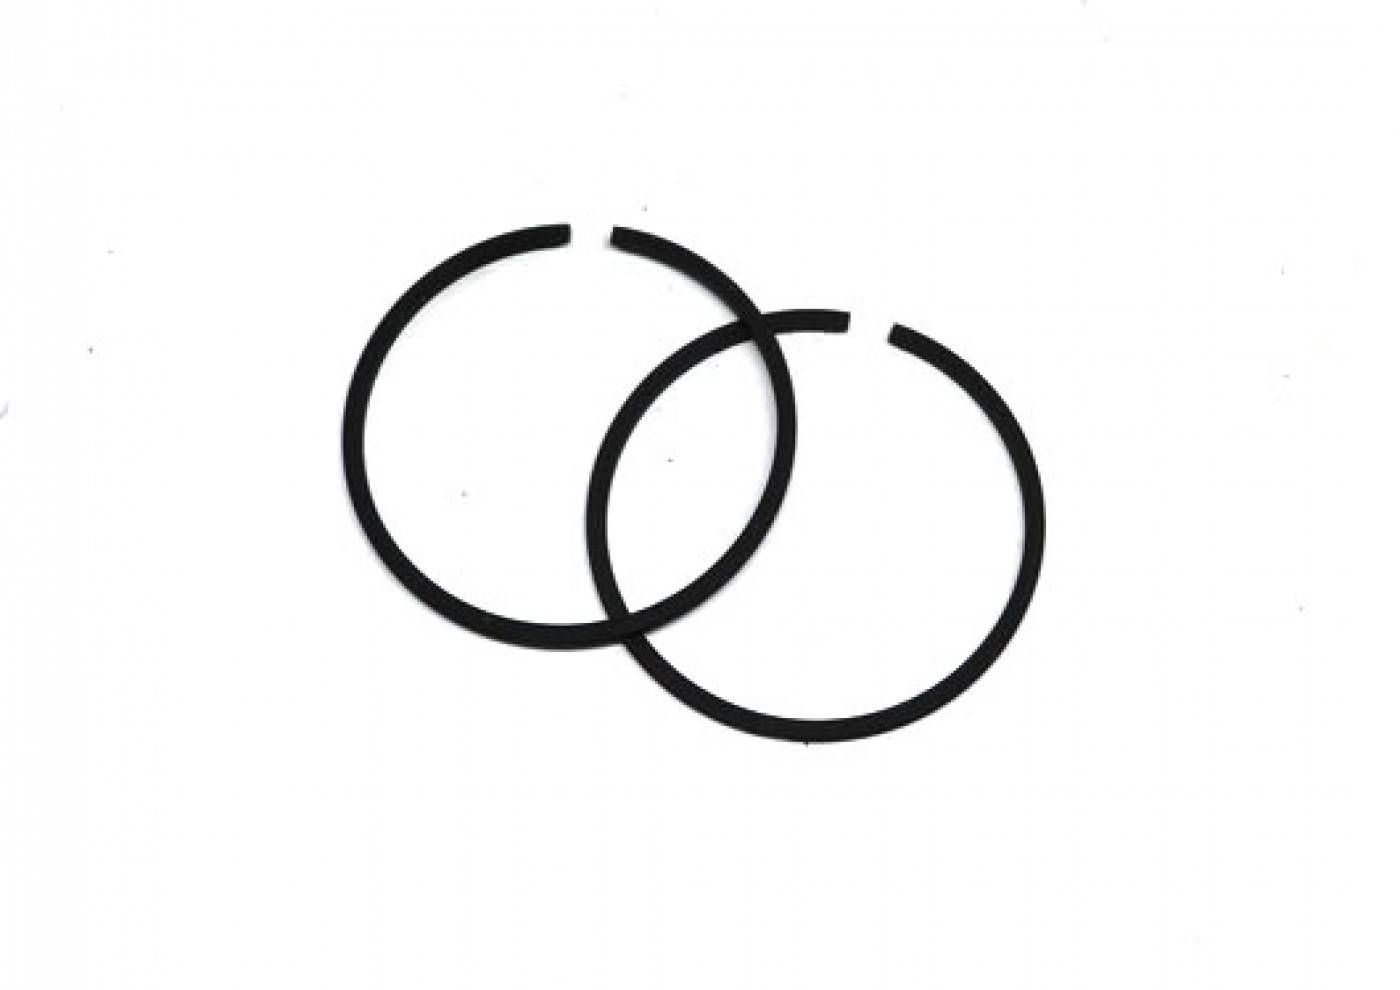 Sada pístních kroužků - 37 mm